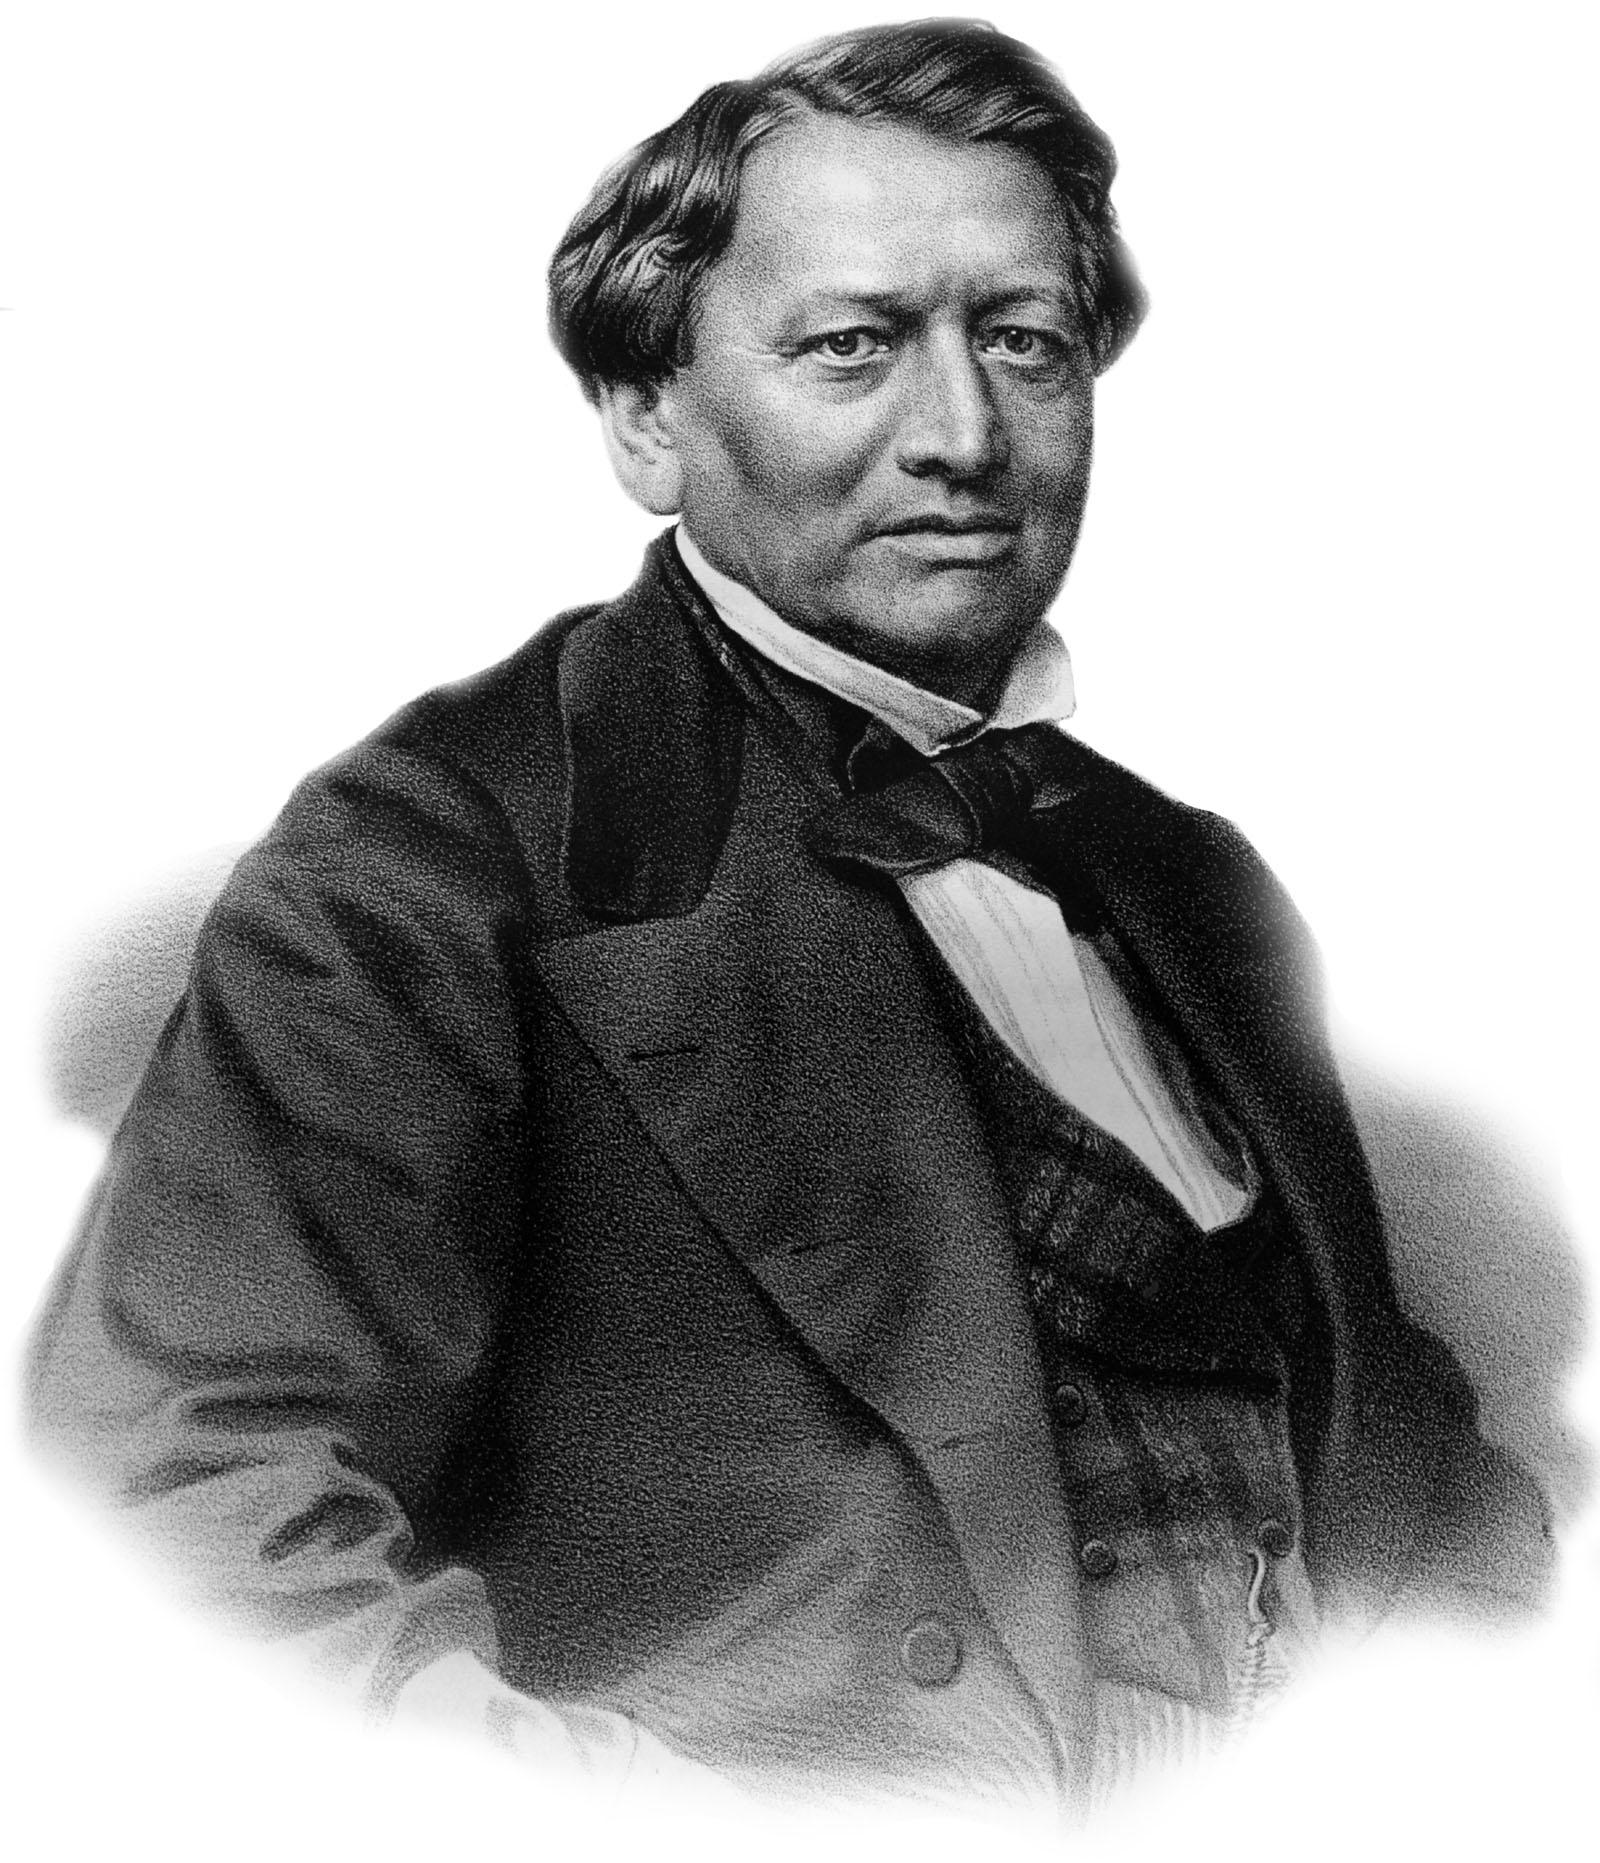 Осип Петров. Гравюра П.Ф. Бореля (1869 г.) с фотографии Щетинина